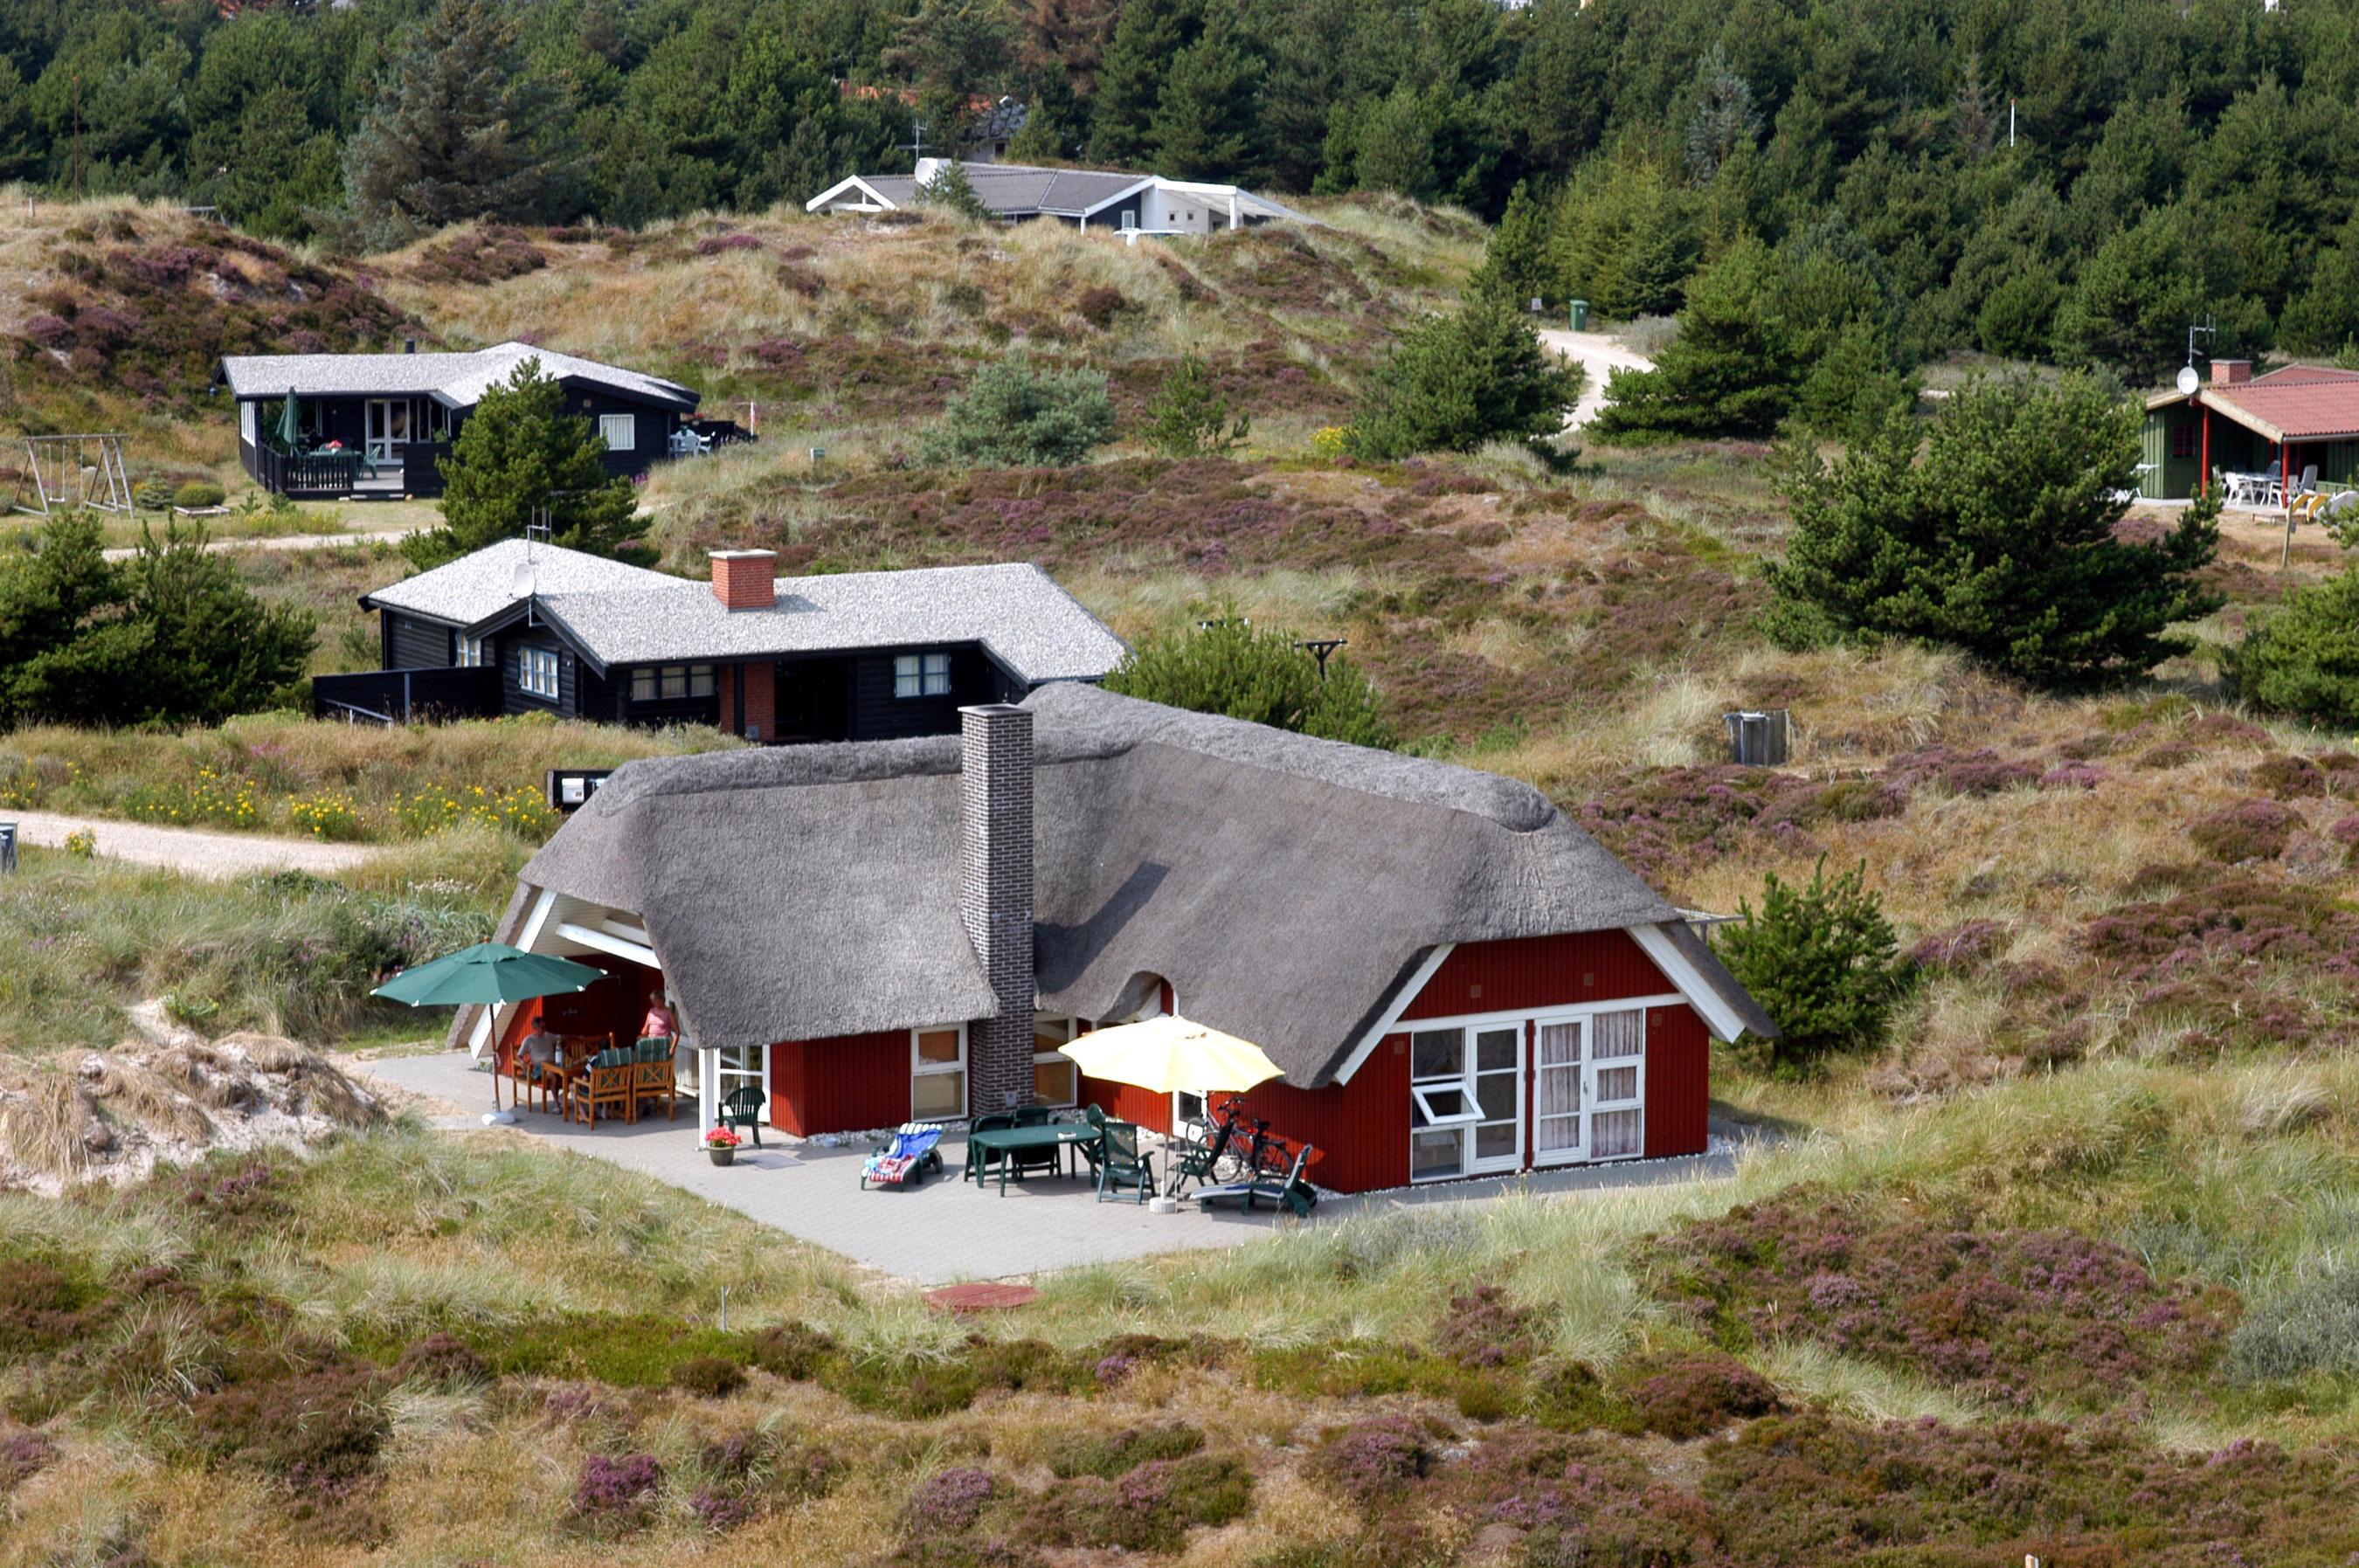 Der er omkring 220.000 feriehuse i Danmark, men kun cirka 40.000 udlejes på en måde så de indgår i de officielle statistikker. Her er arkivfoto fra VisitDenmark fra Henne Strand ved den jyske vestkyst.